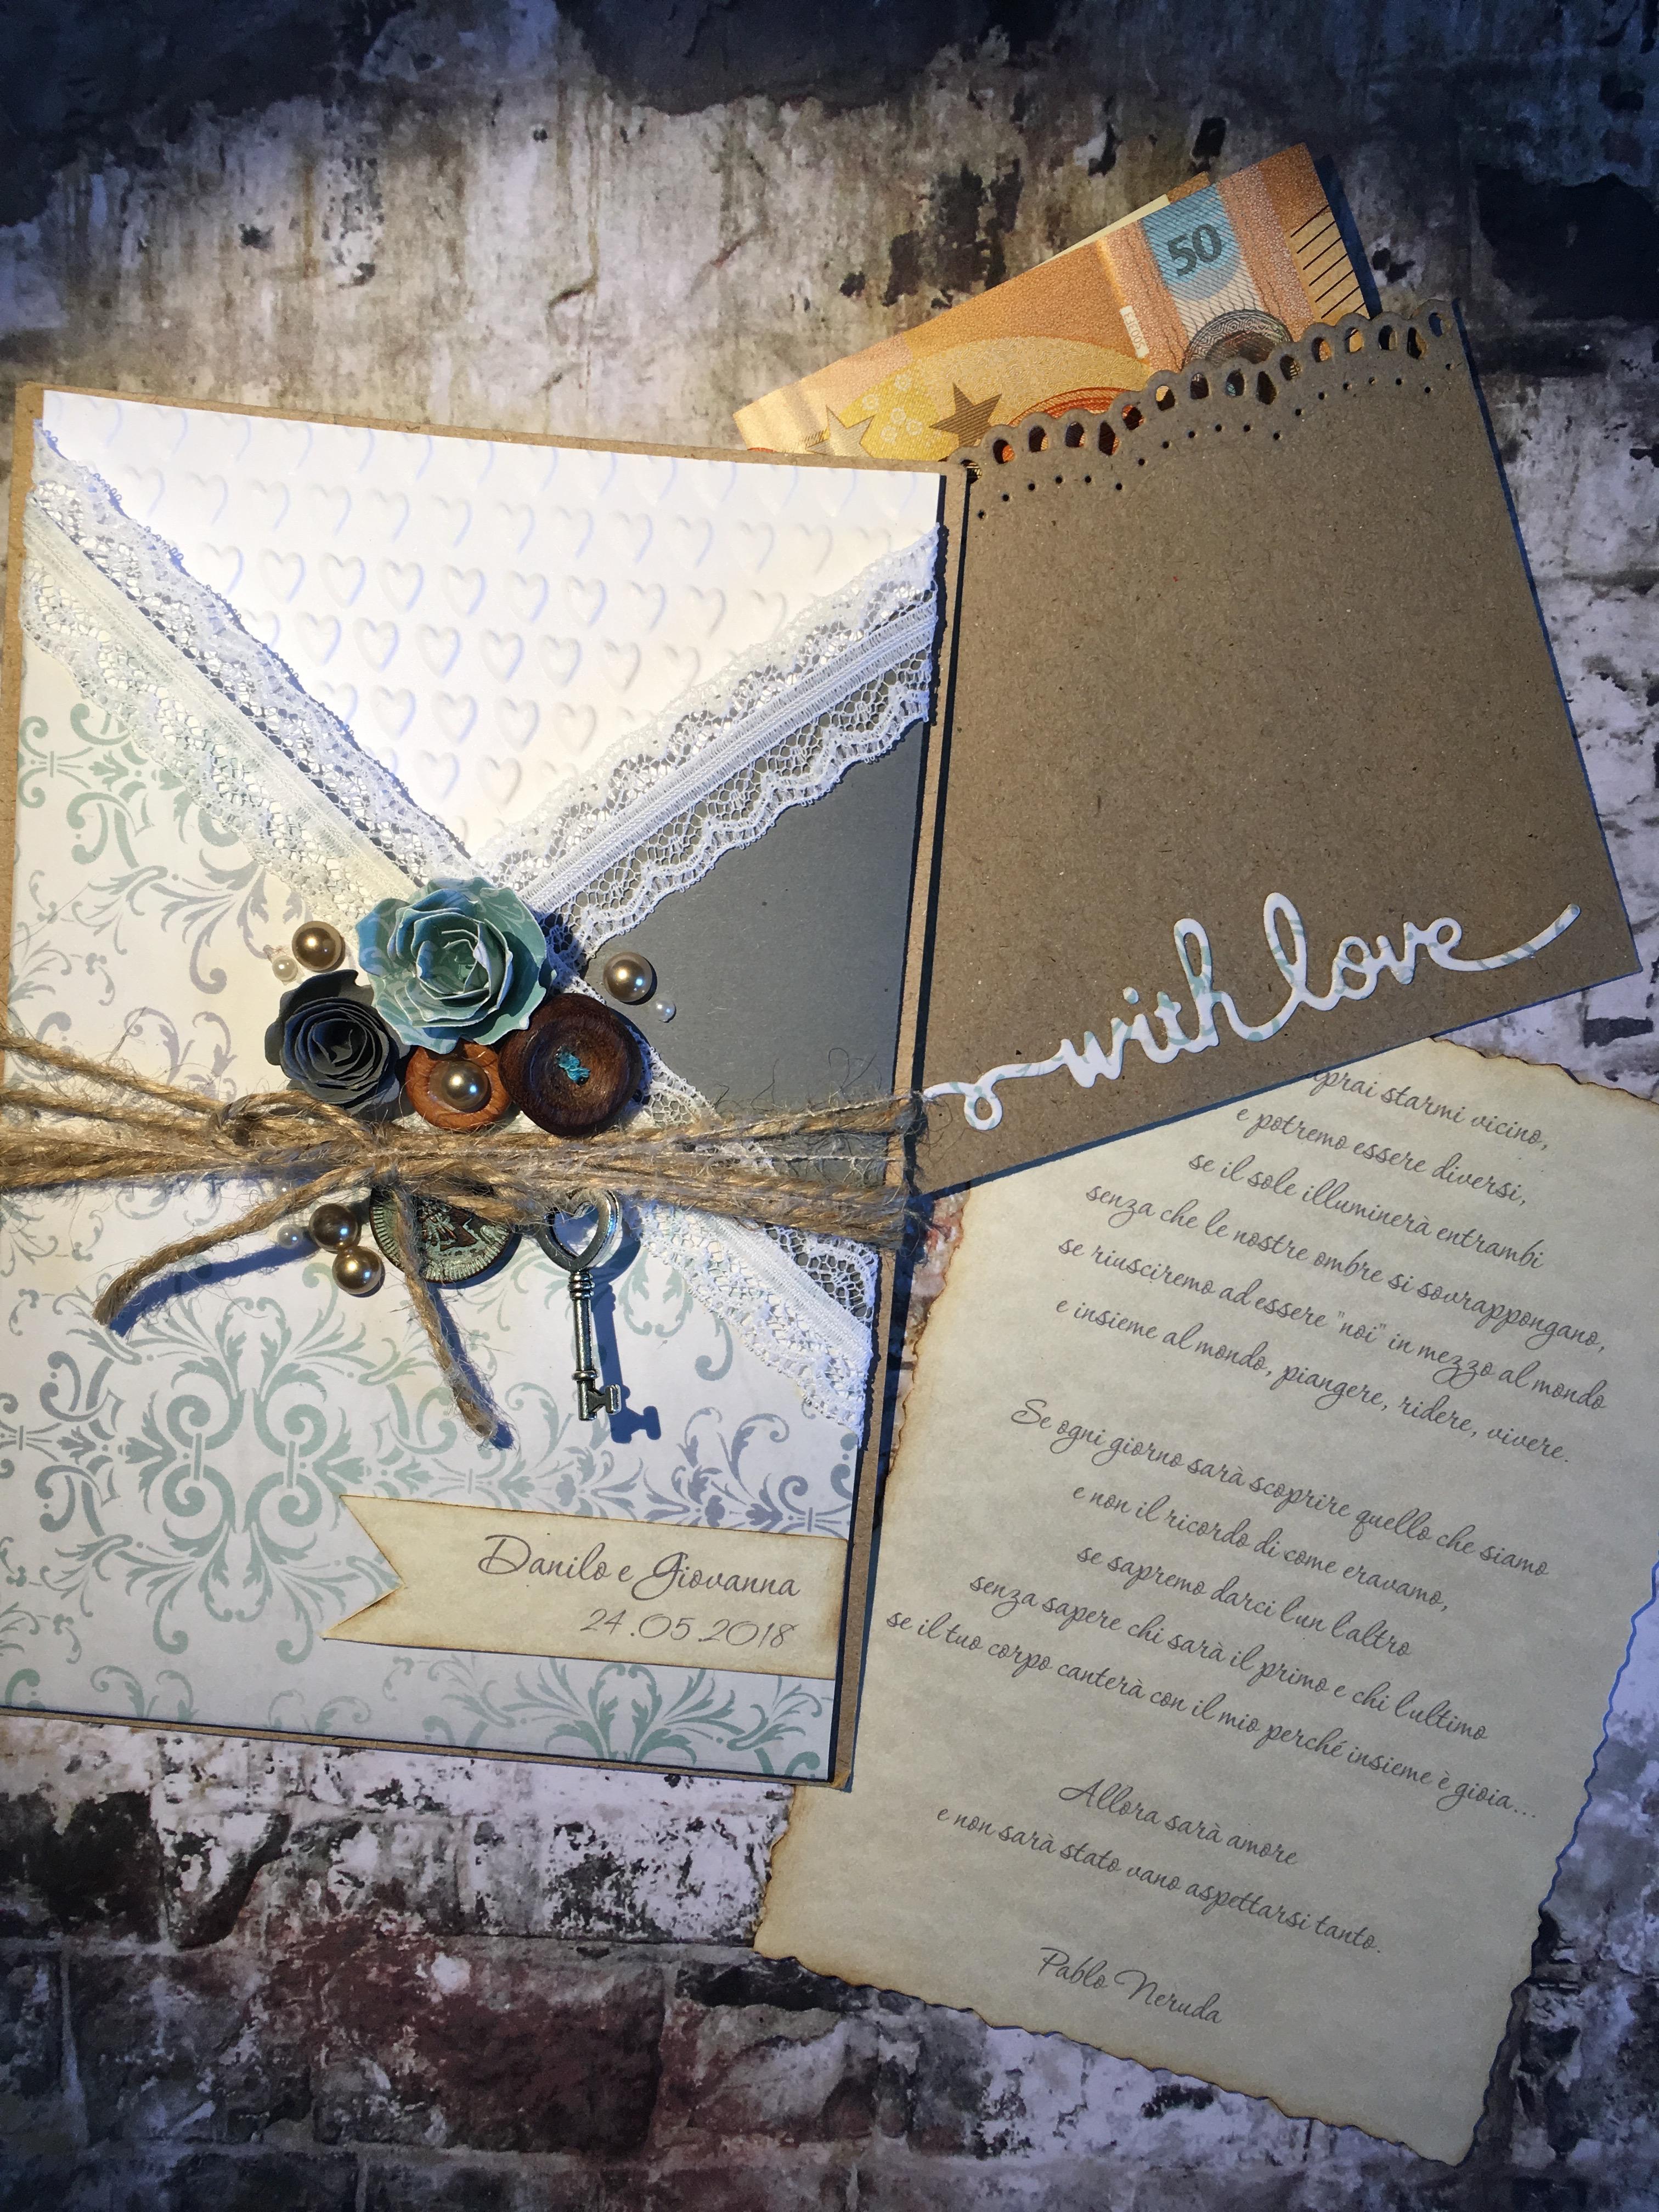 Auguri Matrimonio Neruda : Pablo neruda inspiration love poem greeting card printable etsy